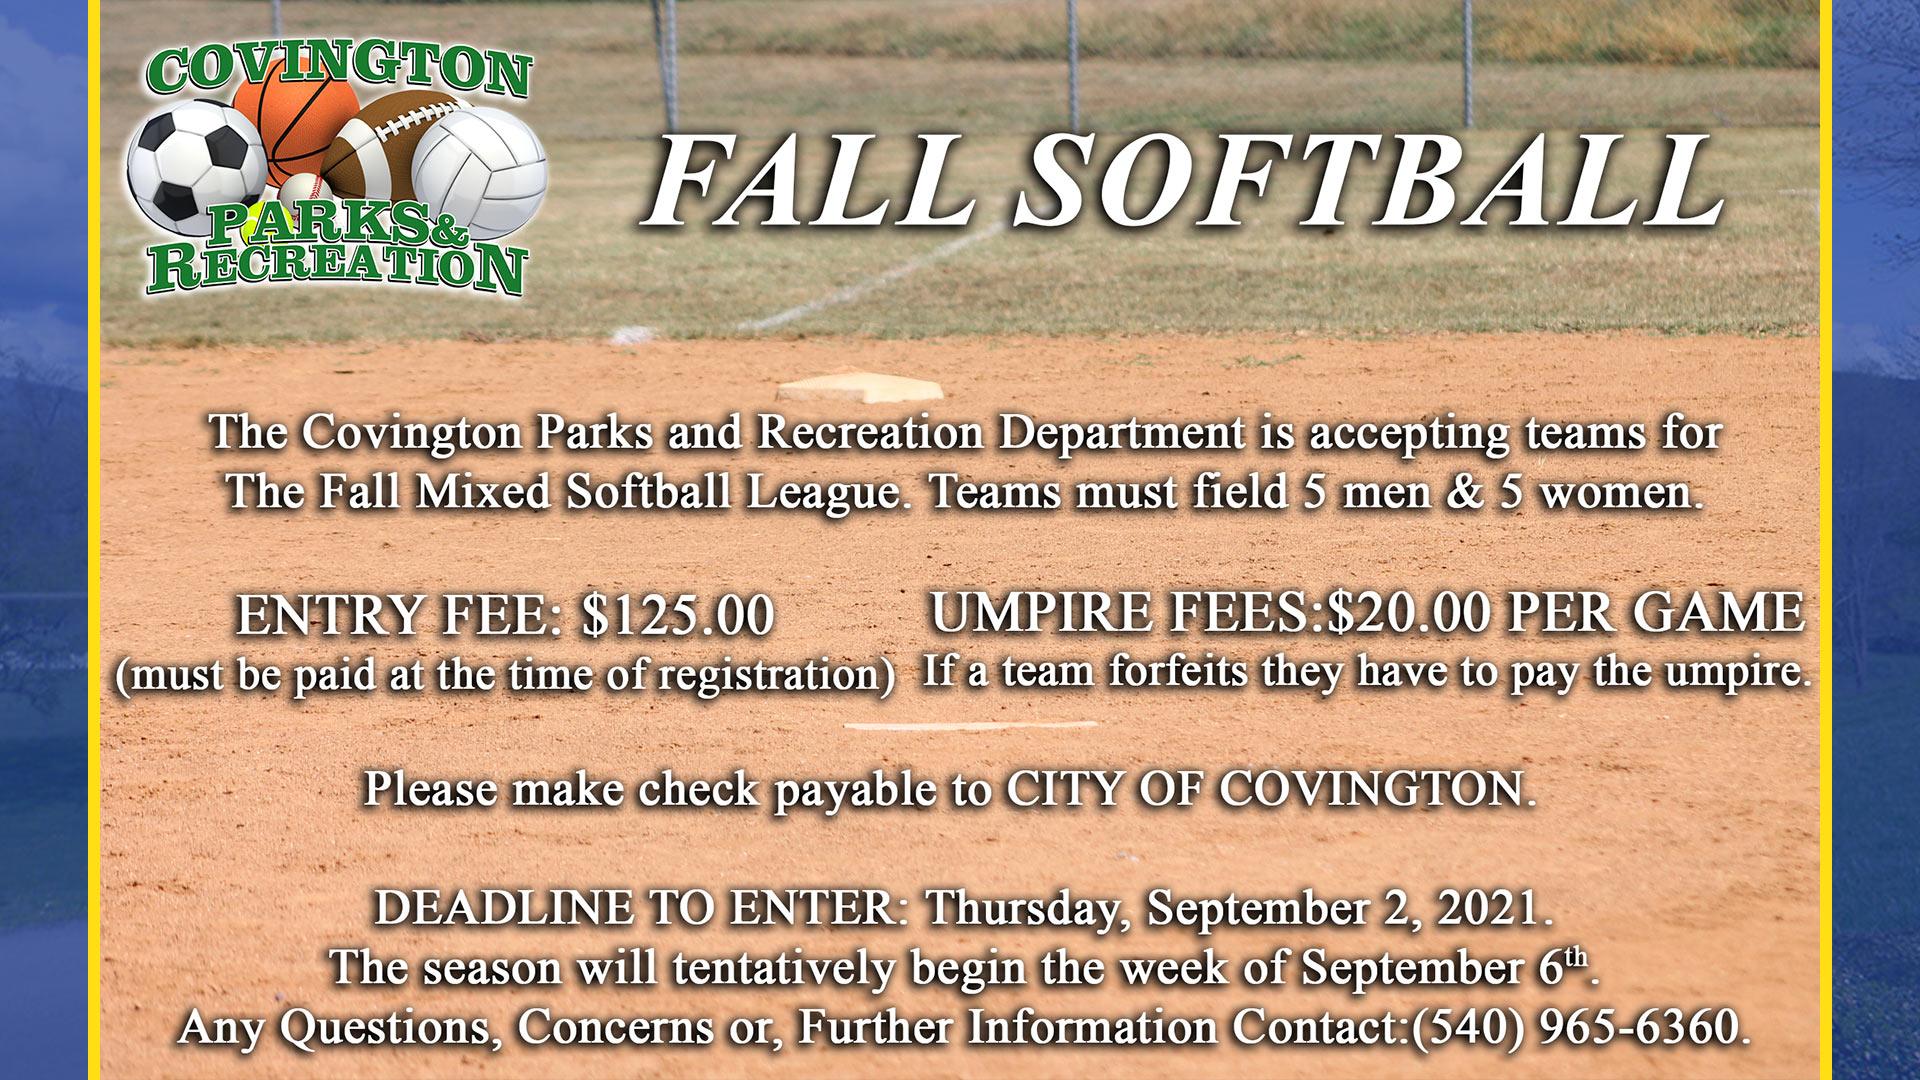 FallSoftball 21